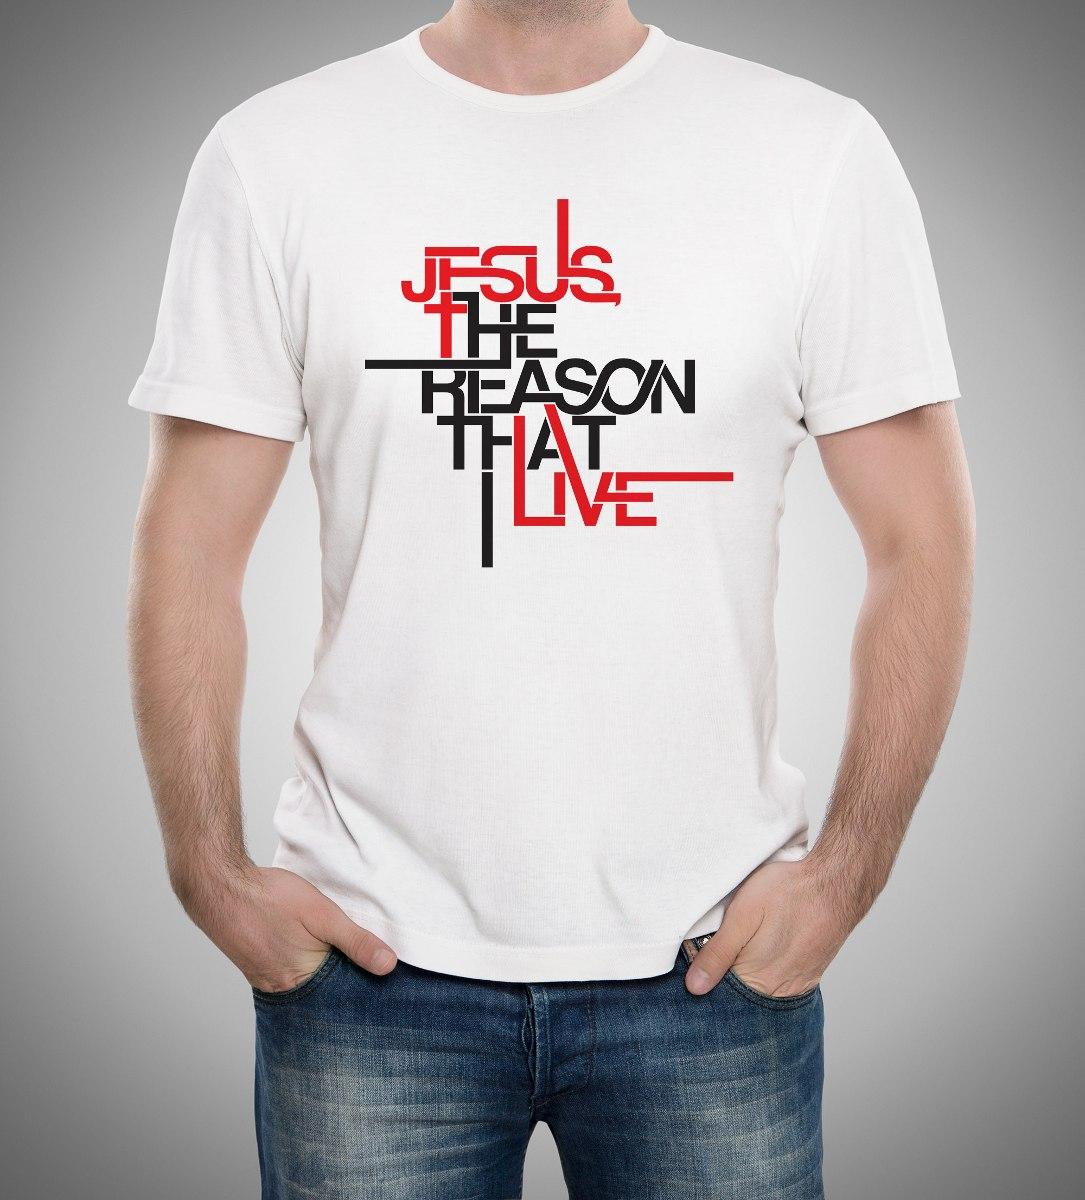 camiseta tshirt feminina evangelica moda gospel promoção. Carregando zoom. 7a88b3aacd4